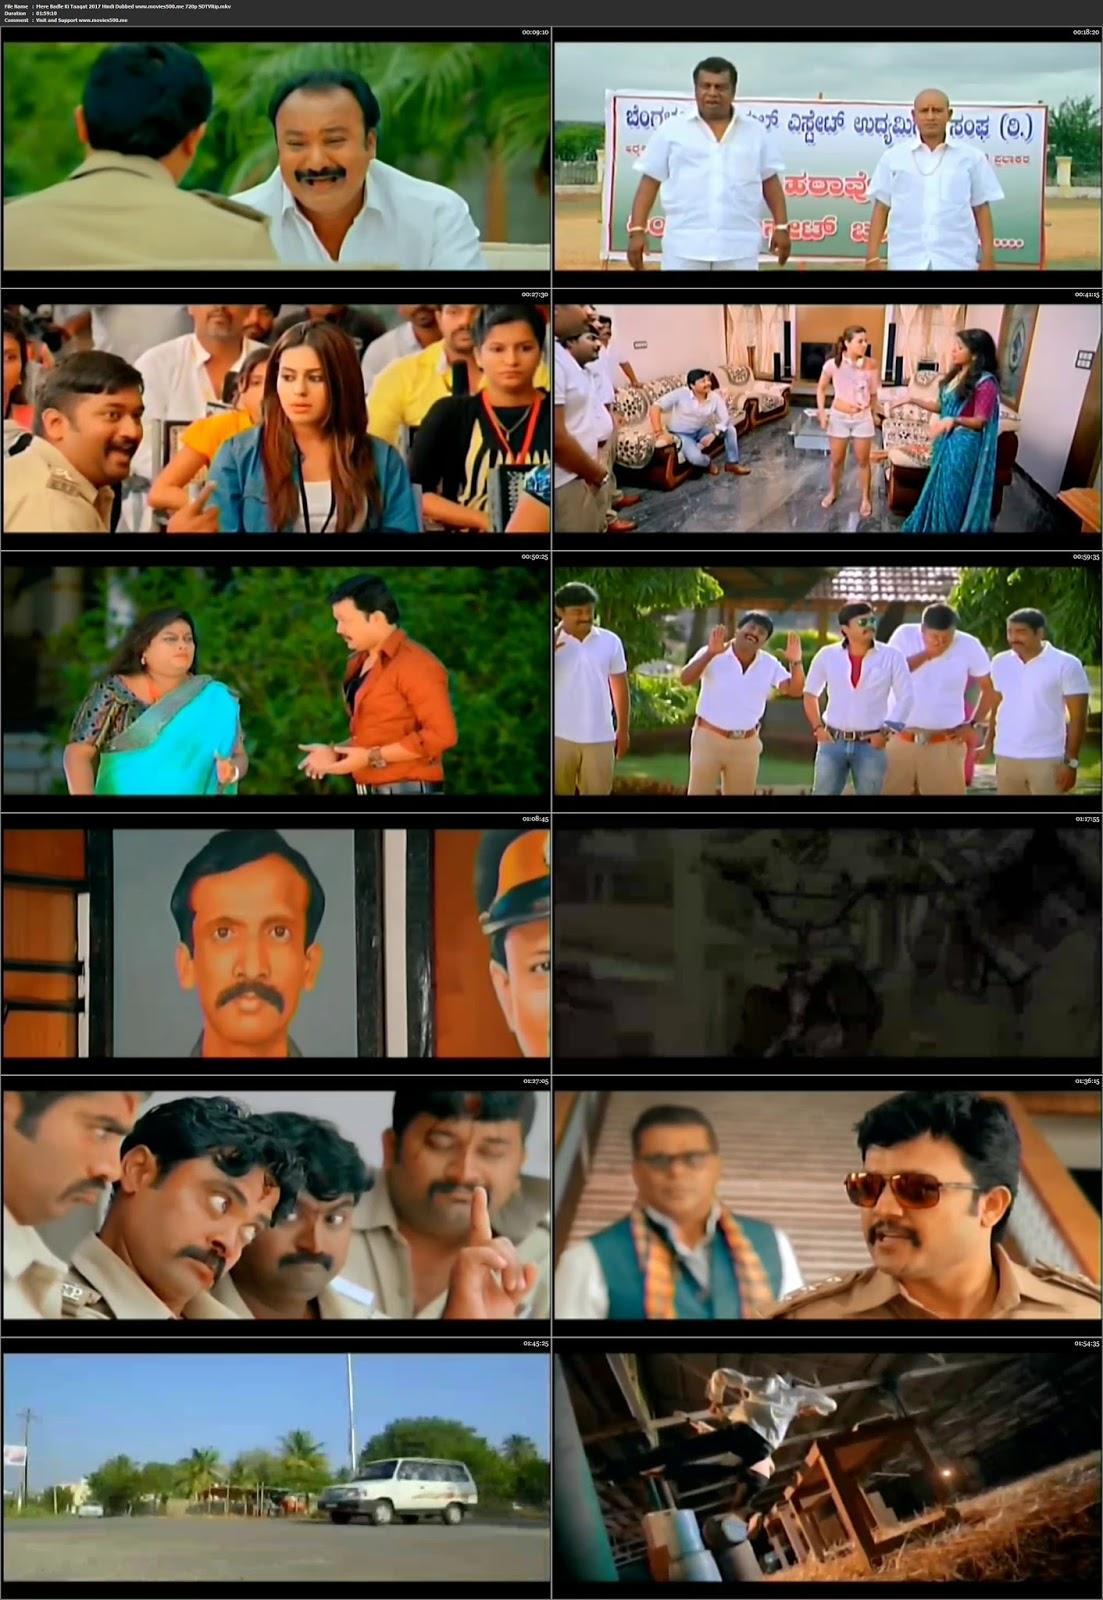 Mere Badle Ki Taaqat 2017 Hindi Dubbed Full Movie SDTVRip 720p at movies500.xyz